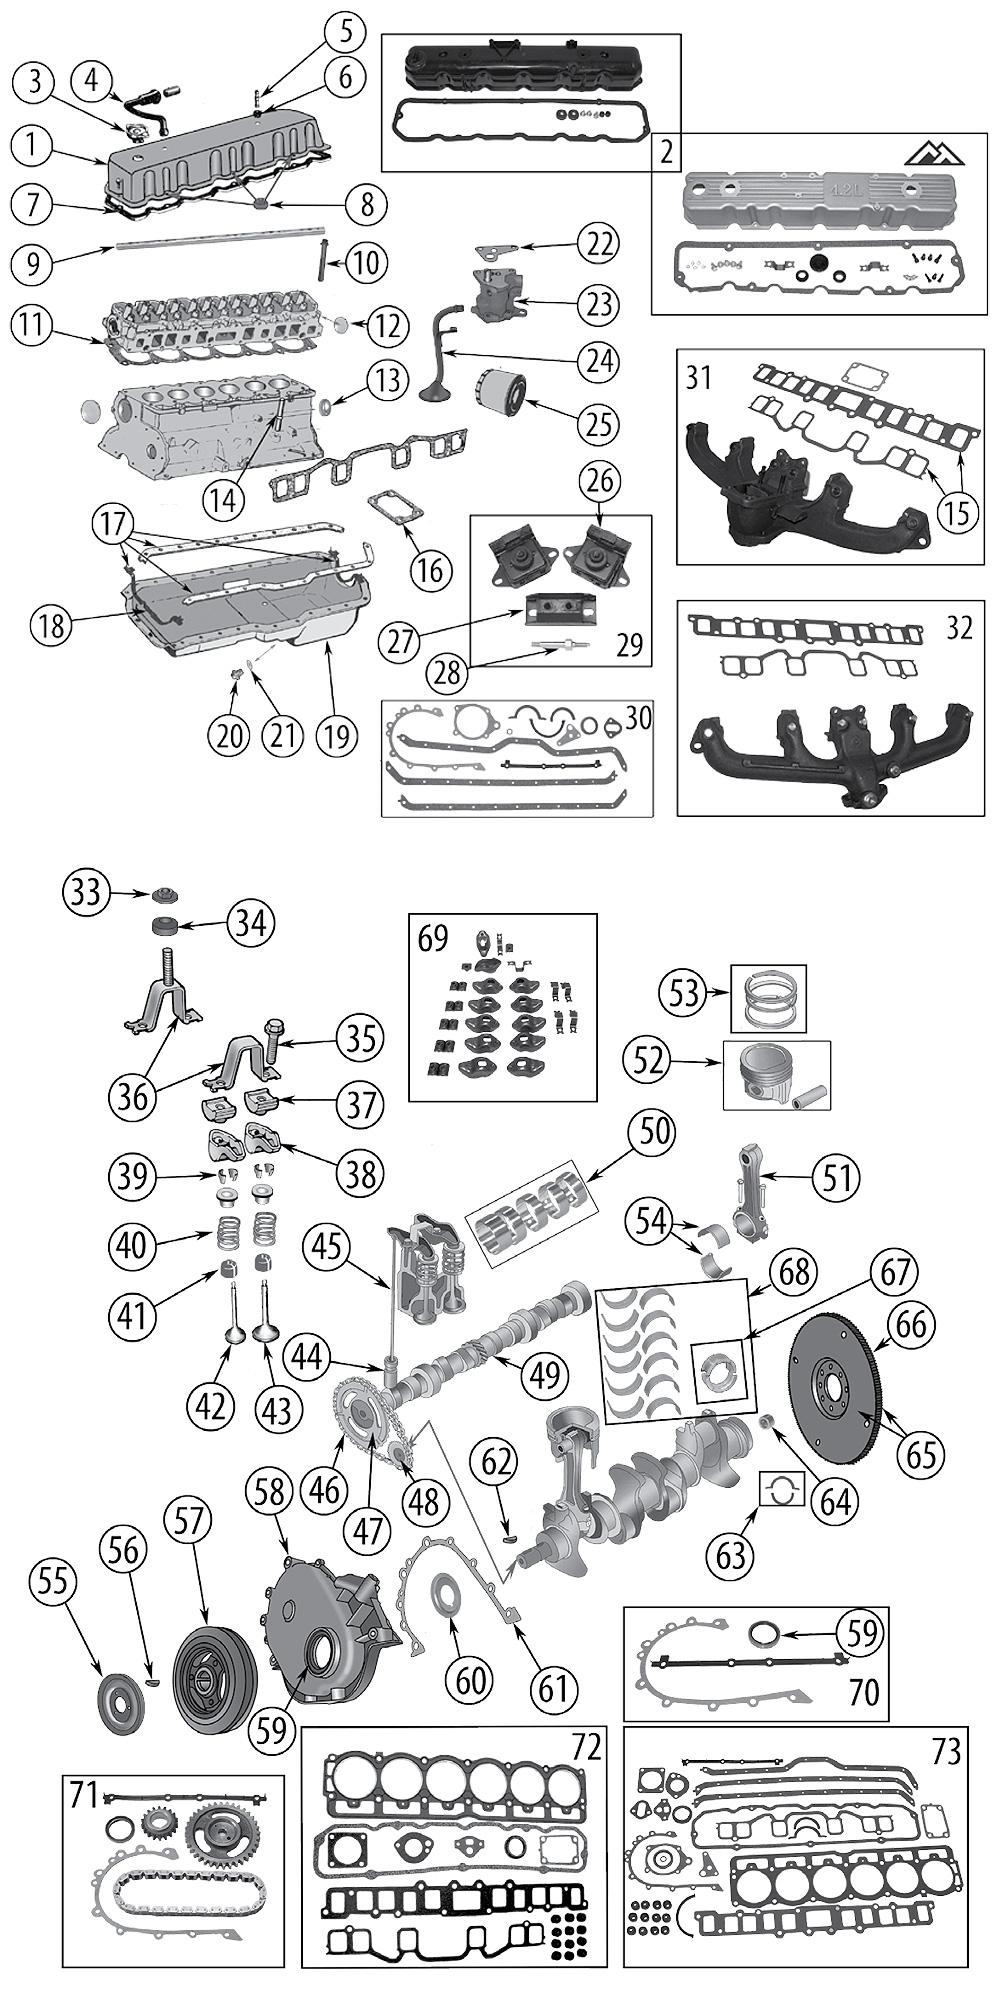 diagram 3 8l  s6-232   u0026 4 2l  s6-258  jeep cj-7 1976  1986